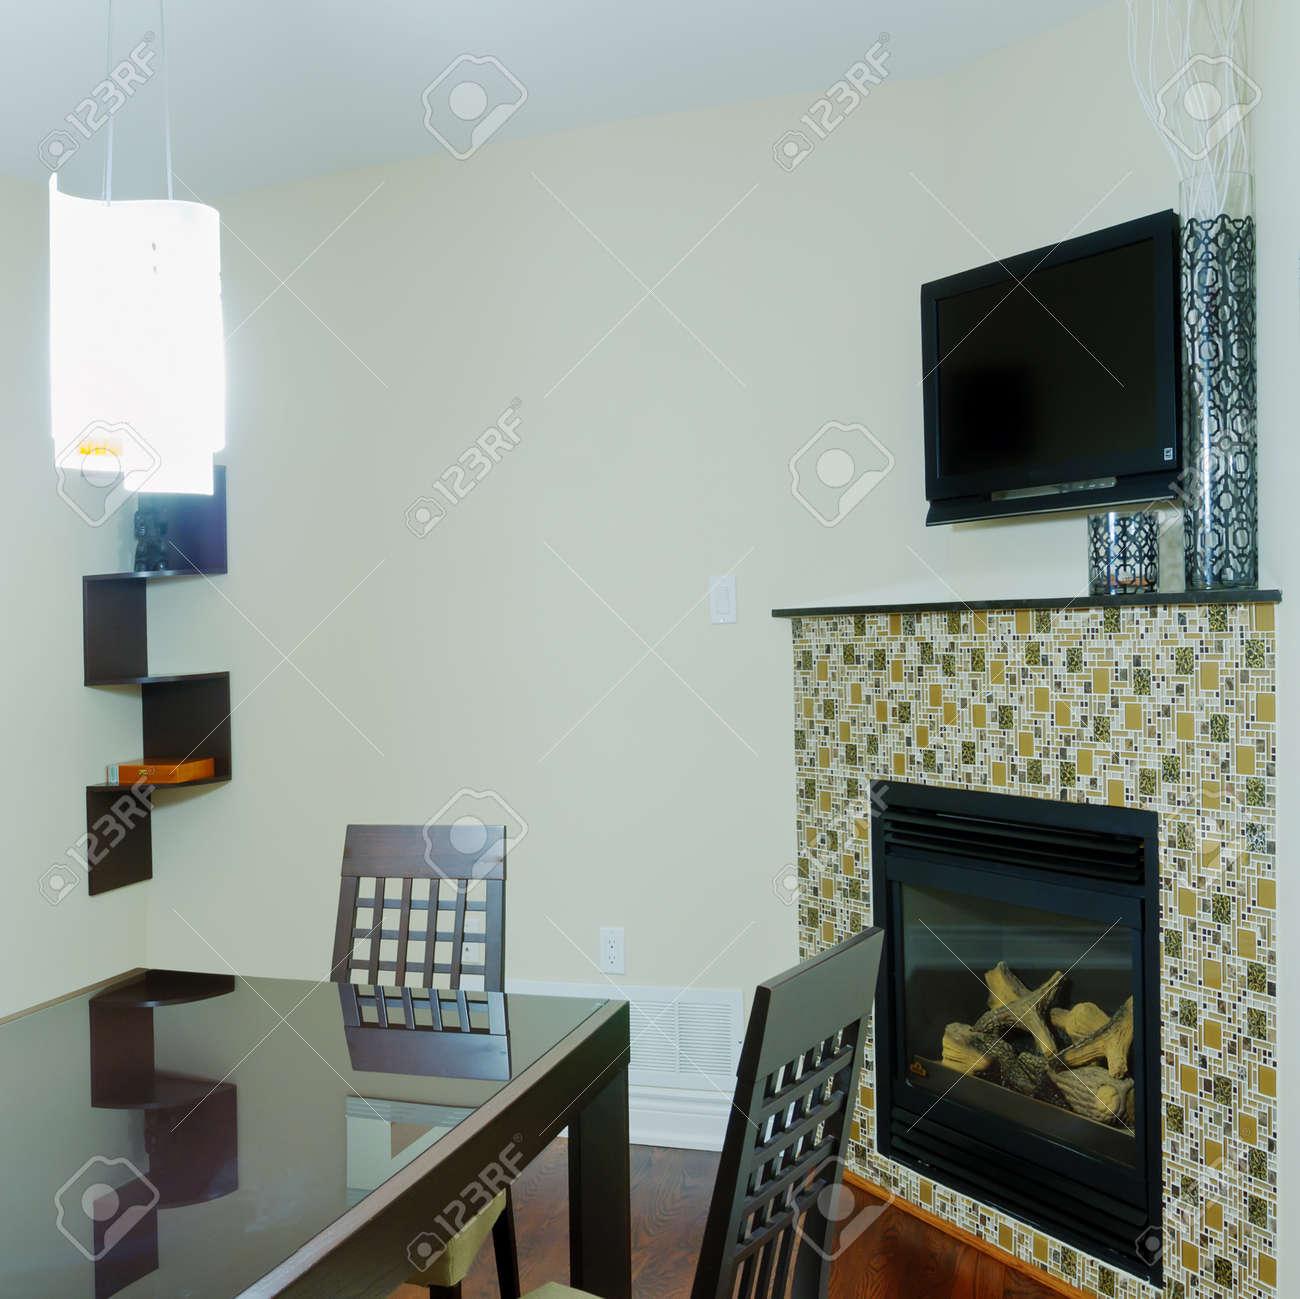 Cocina Y Comedor Con Chimenea De Diseño De Interiores Fotos ...